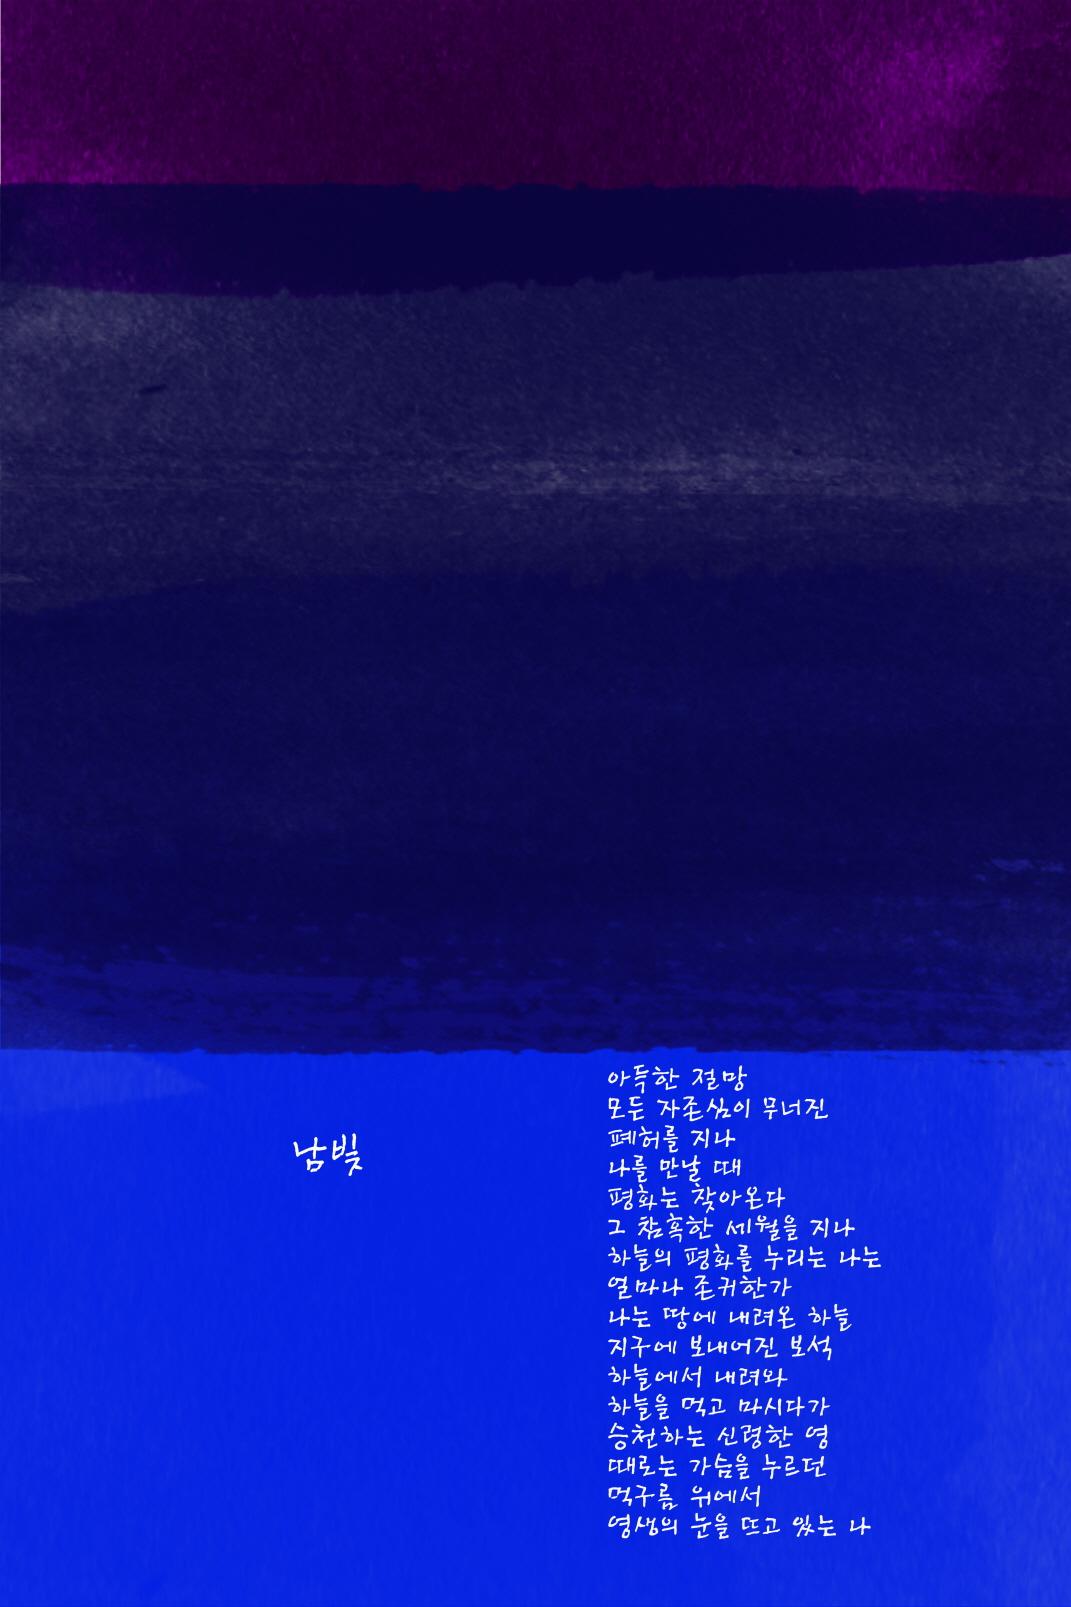 [꾸미기]남빛1.jpg